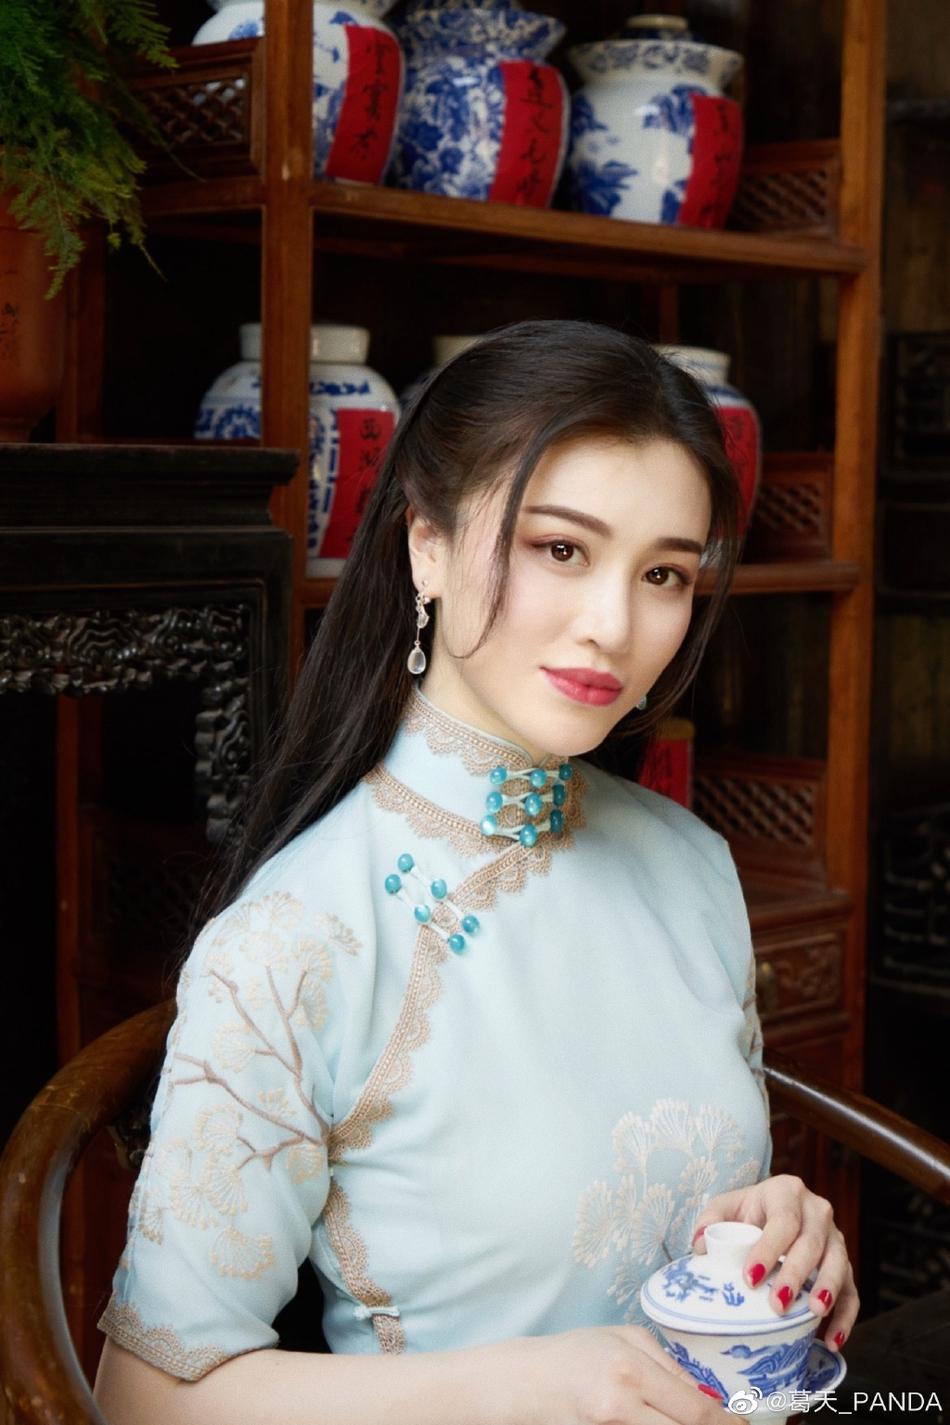 刘翔前妻葛天晒旗袍造型美照 身材凹凸有致大嘴抢镜